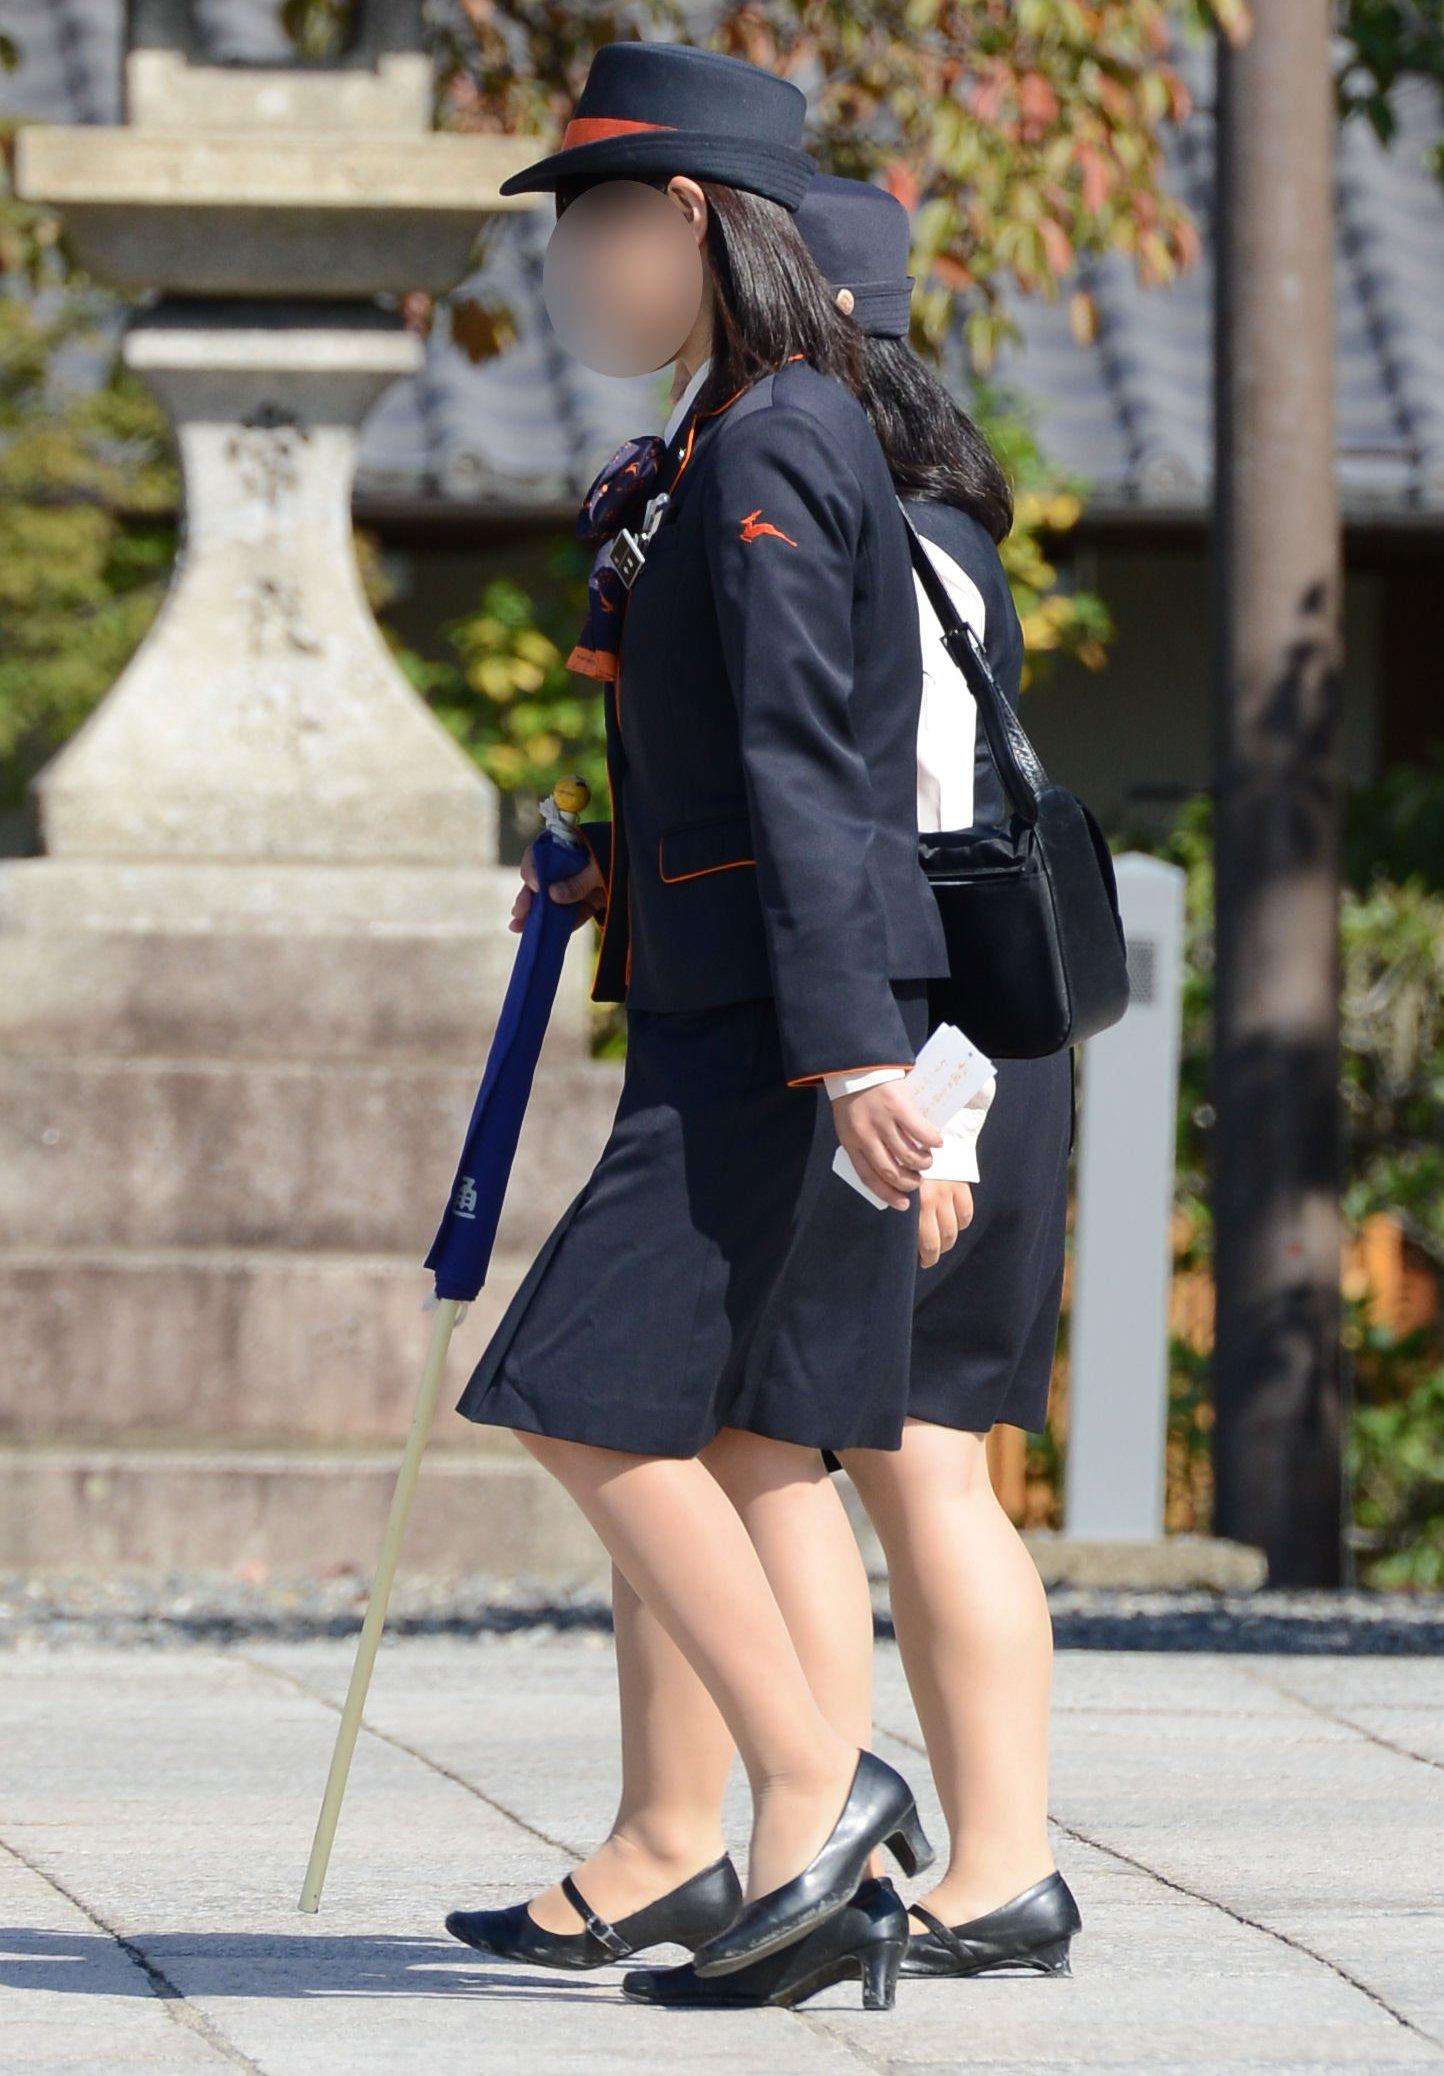 美脚素人バスガイドのタイトスカート盗撮エロ画像9枚目